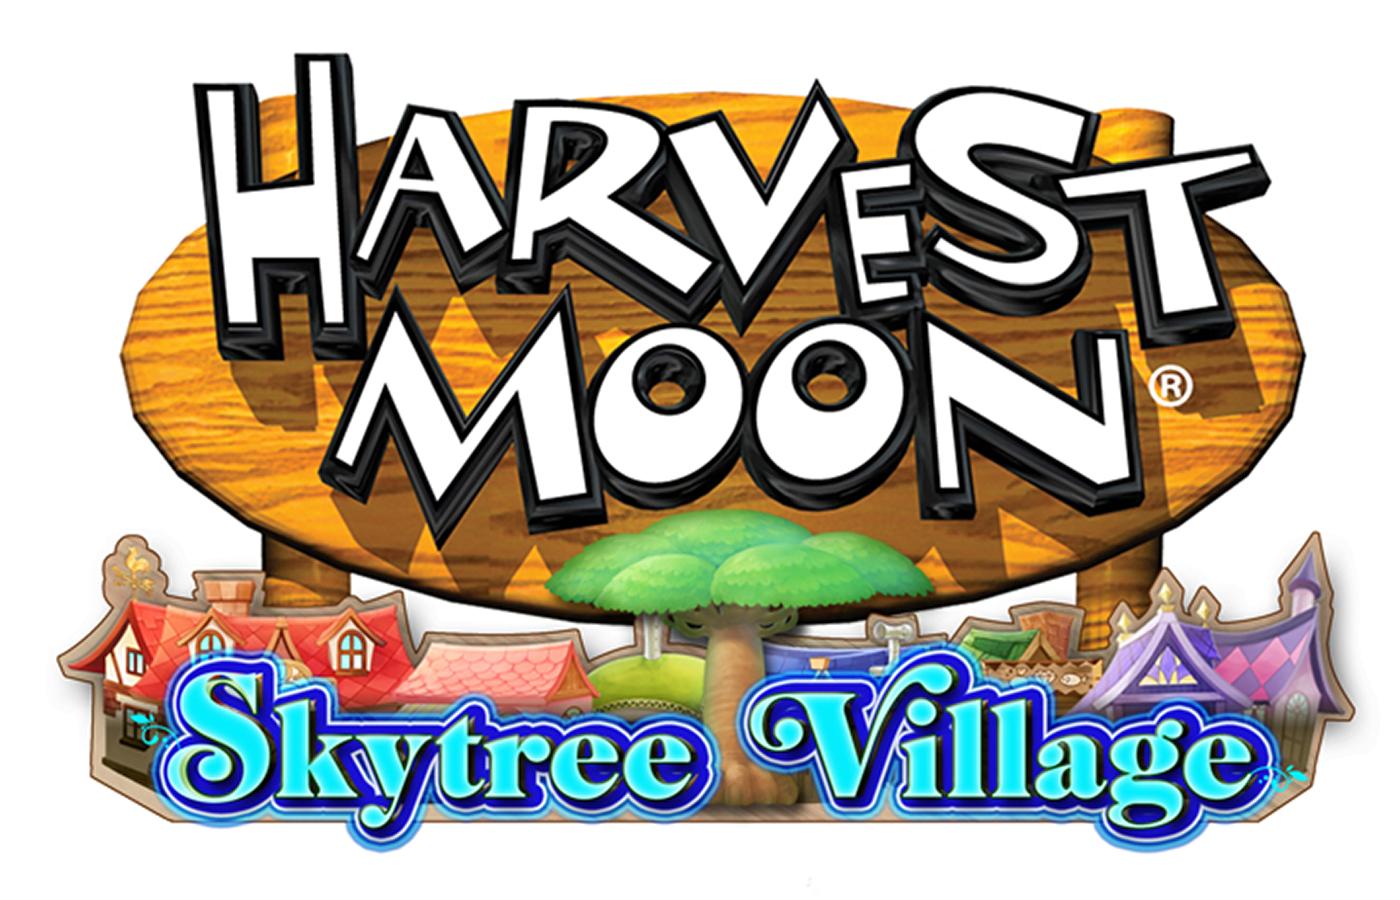 harvestmoonskytreevillage